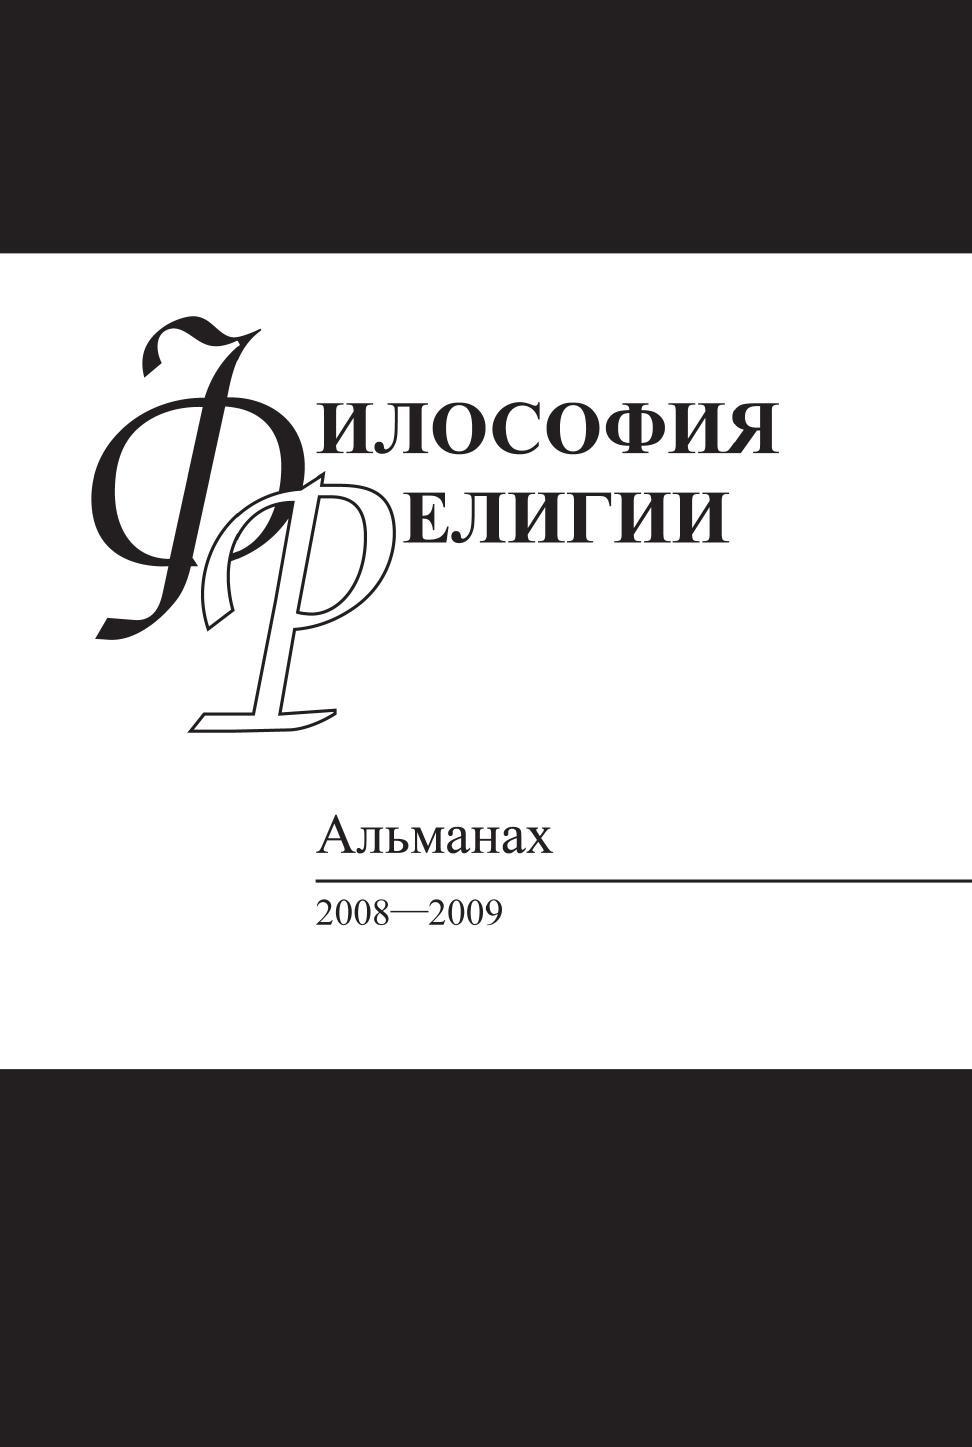 Д.В.К. Шохин Философия религии: Альманах. 2008-2009 о т ермишин философия религии концепции религии в зарубежной и русской философии